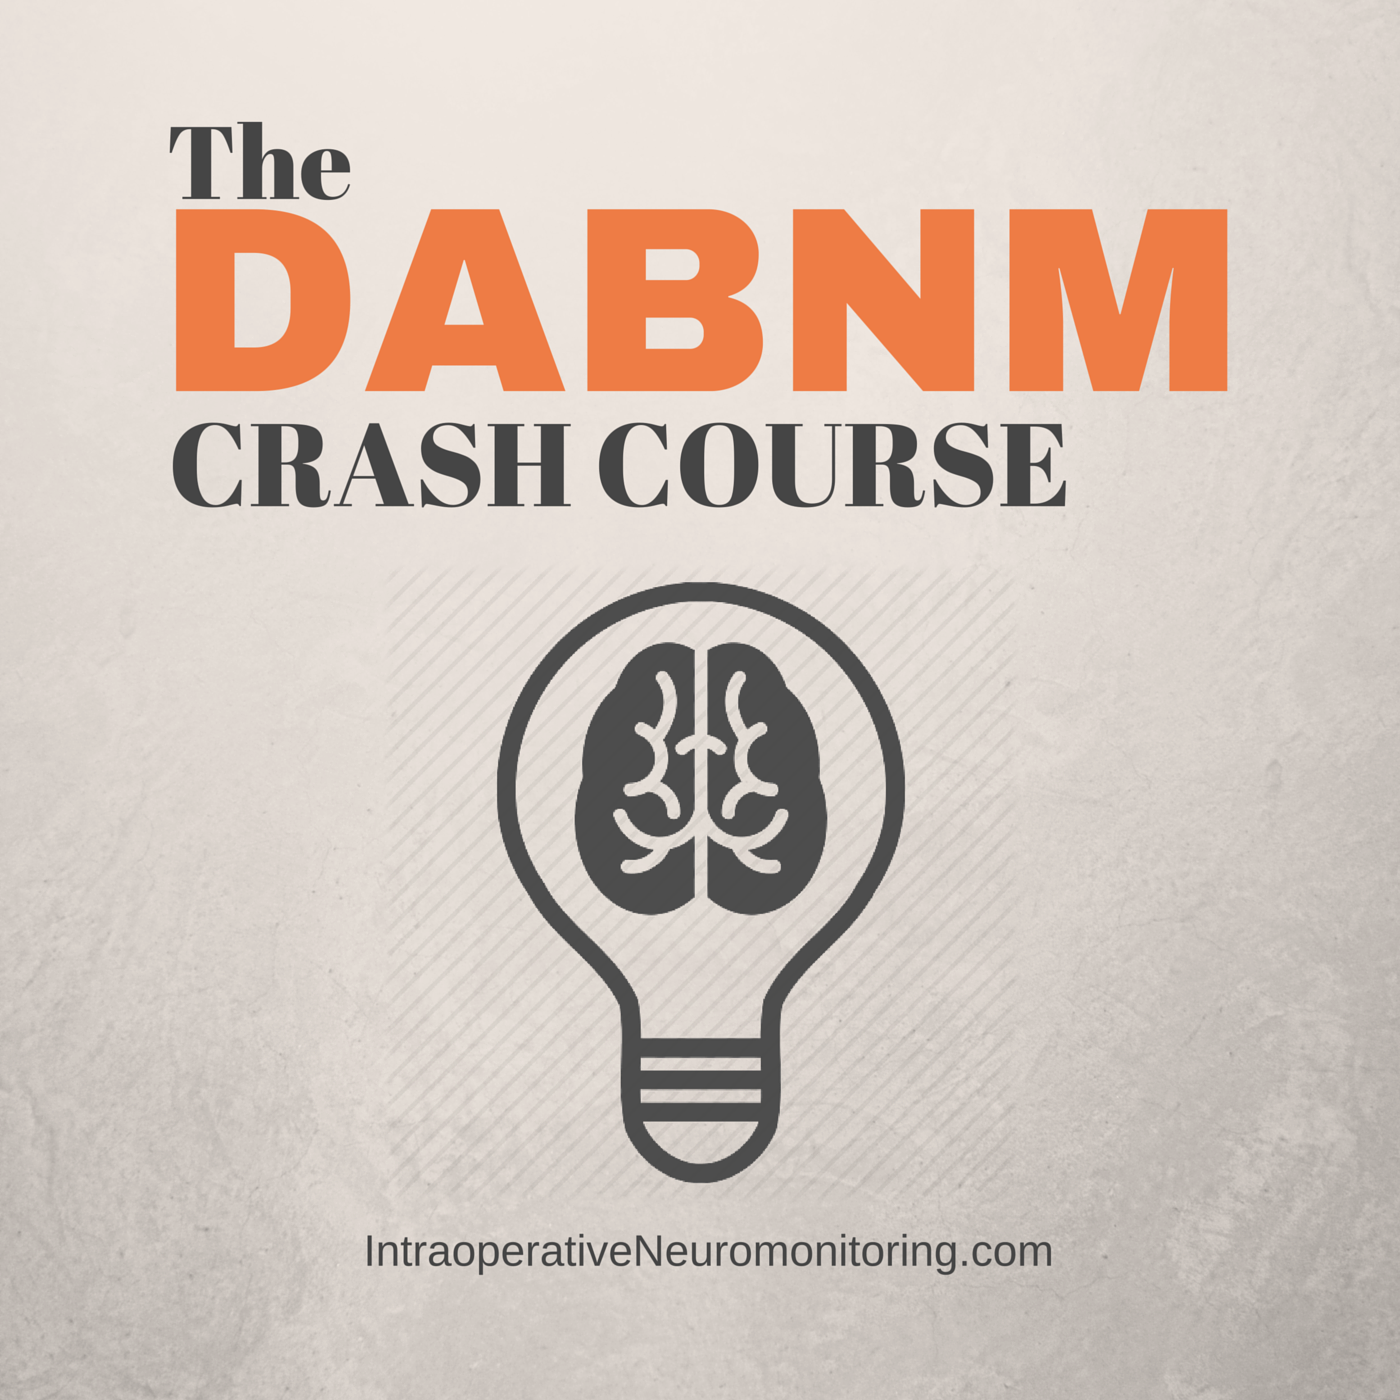 DABNM course